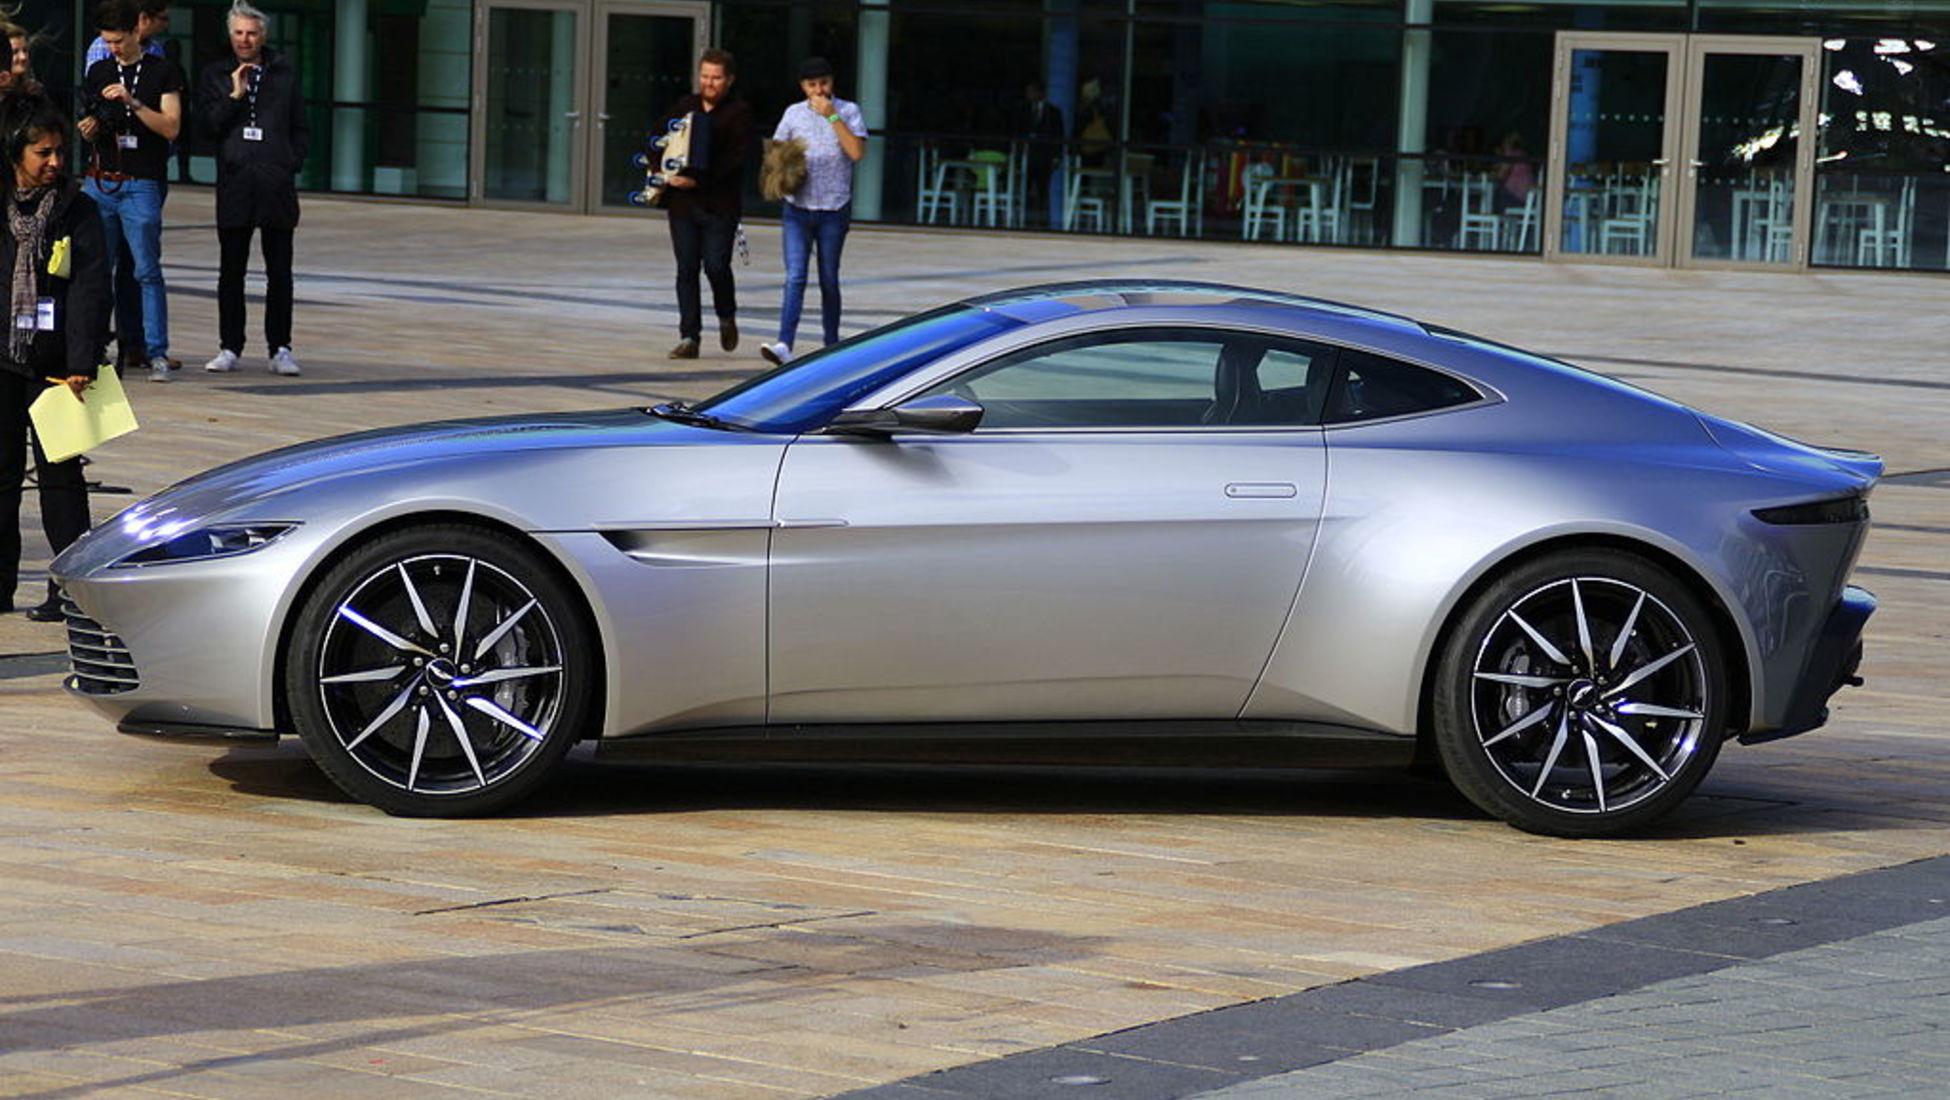 Aston Martin Und James Bond Ein Traumpaar Catawiki